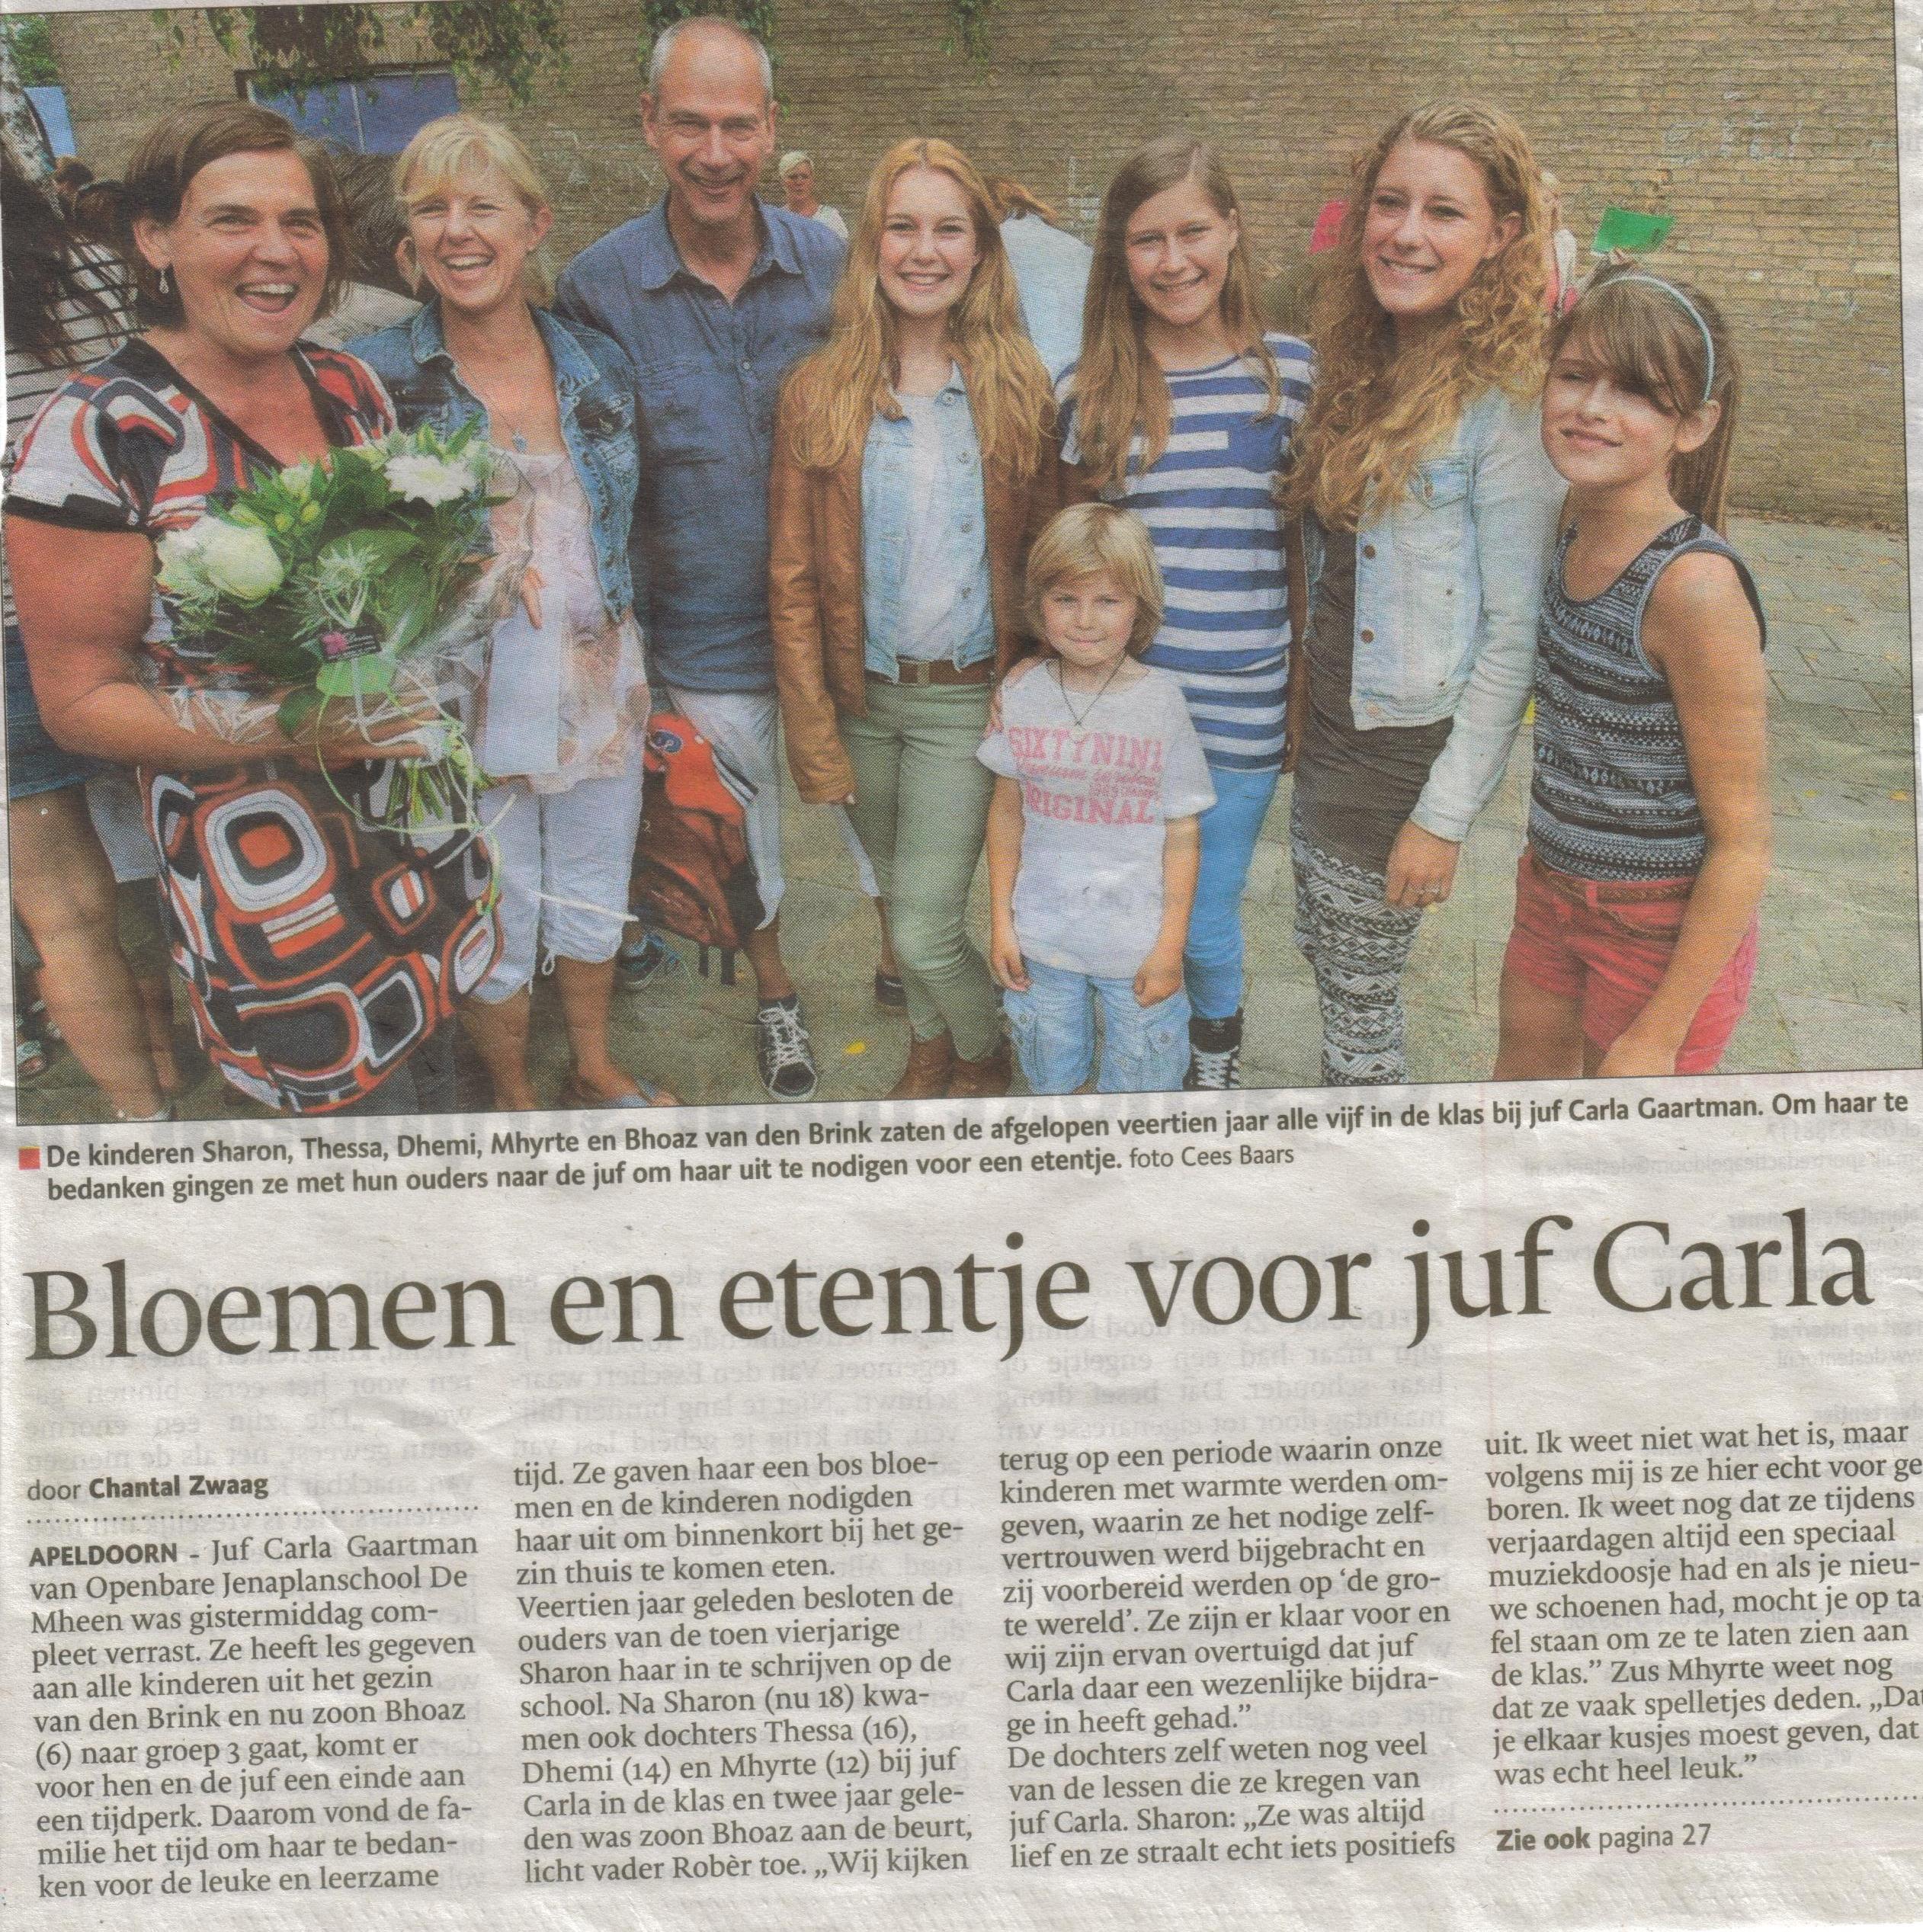 3- kado voor juf carla- bijzondere productie-publicatiedatum 11 juli 2013-1